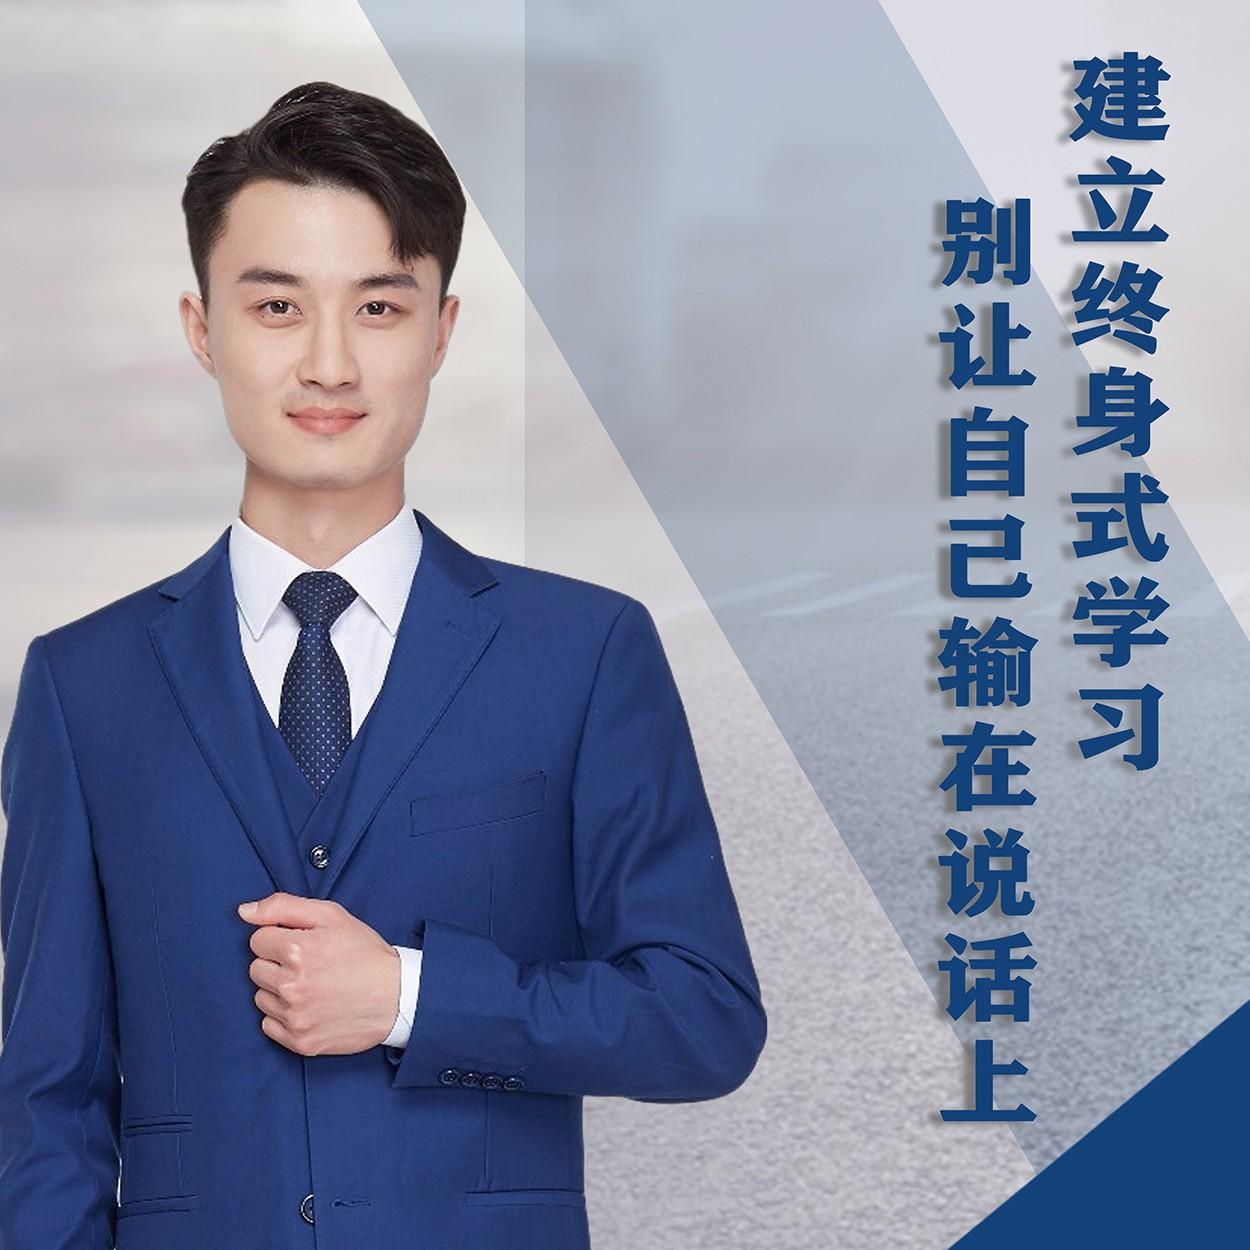 昆明卡耐基必威体育官网登陆学校邵博文老师